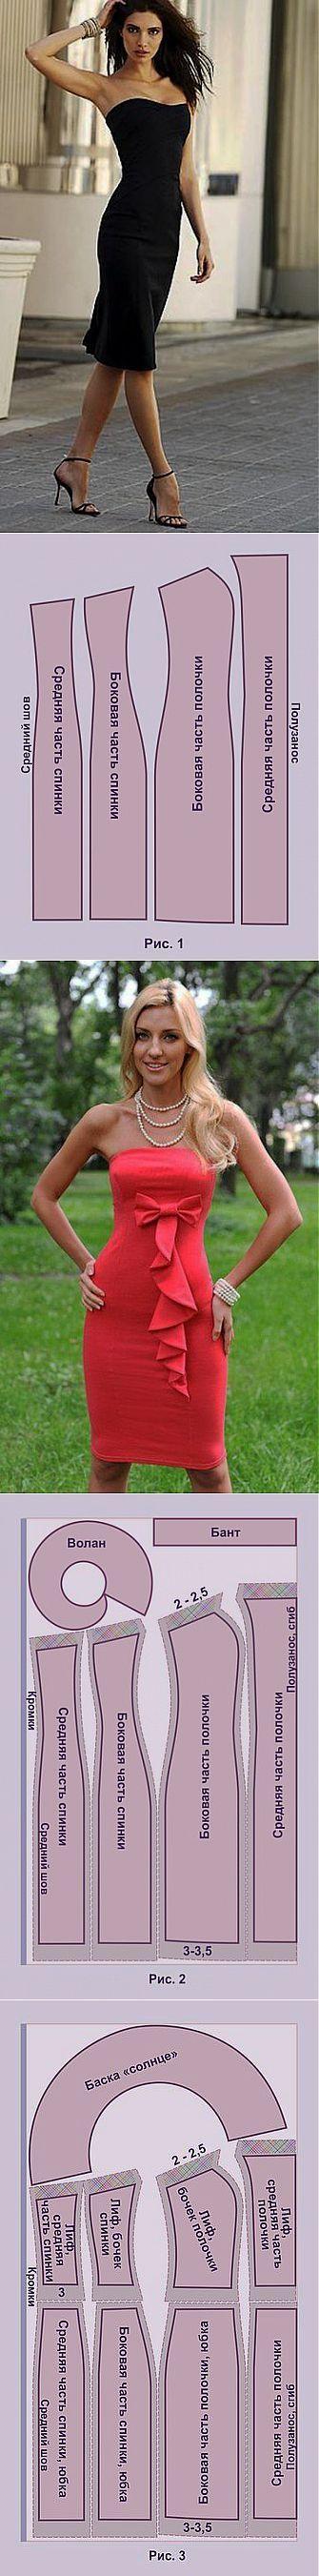 Платье без бретелек + выкройка   Дамские хитрости